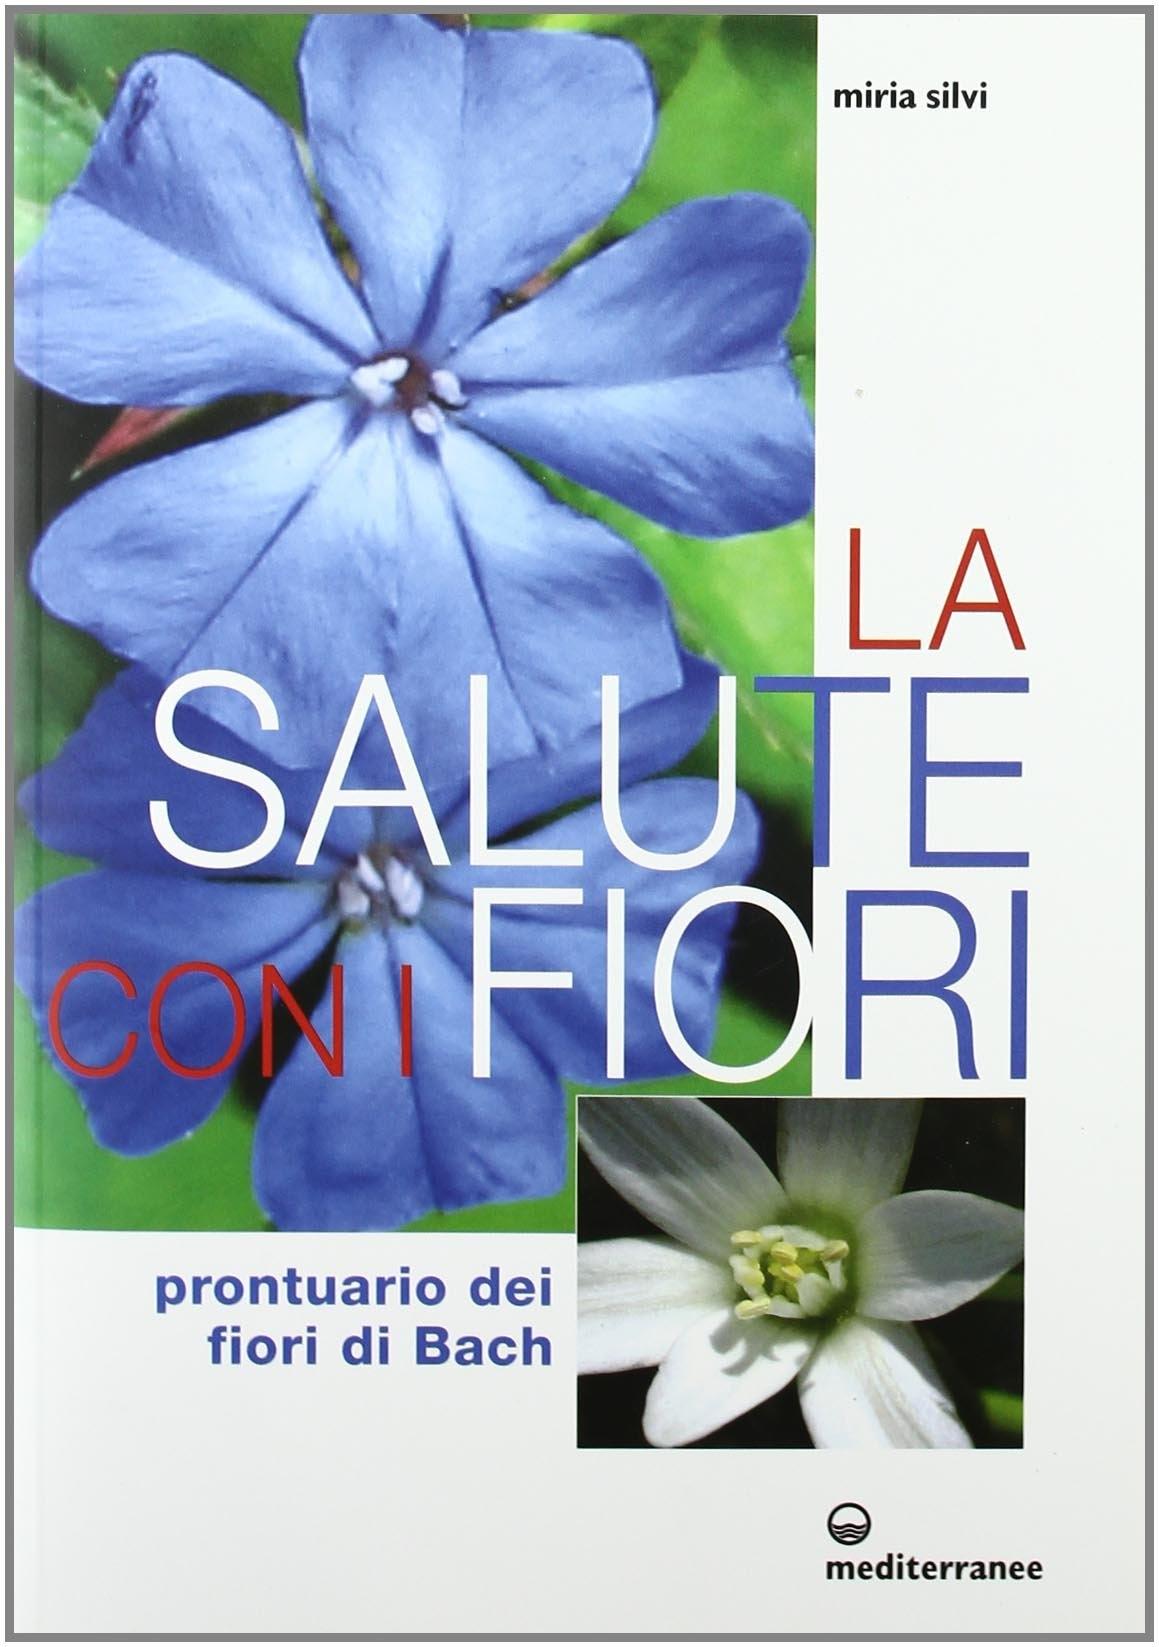 La salute con i fiori. Prontuario dei fiori di Bach